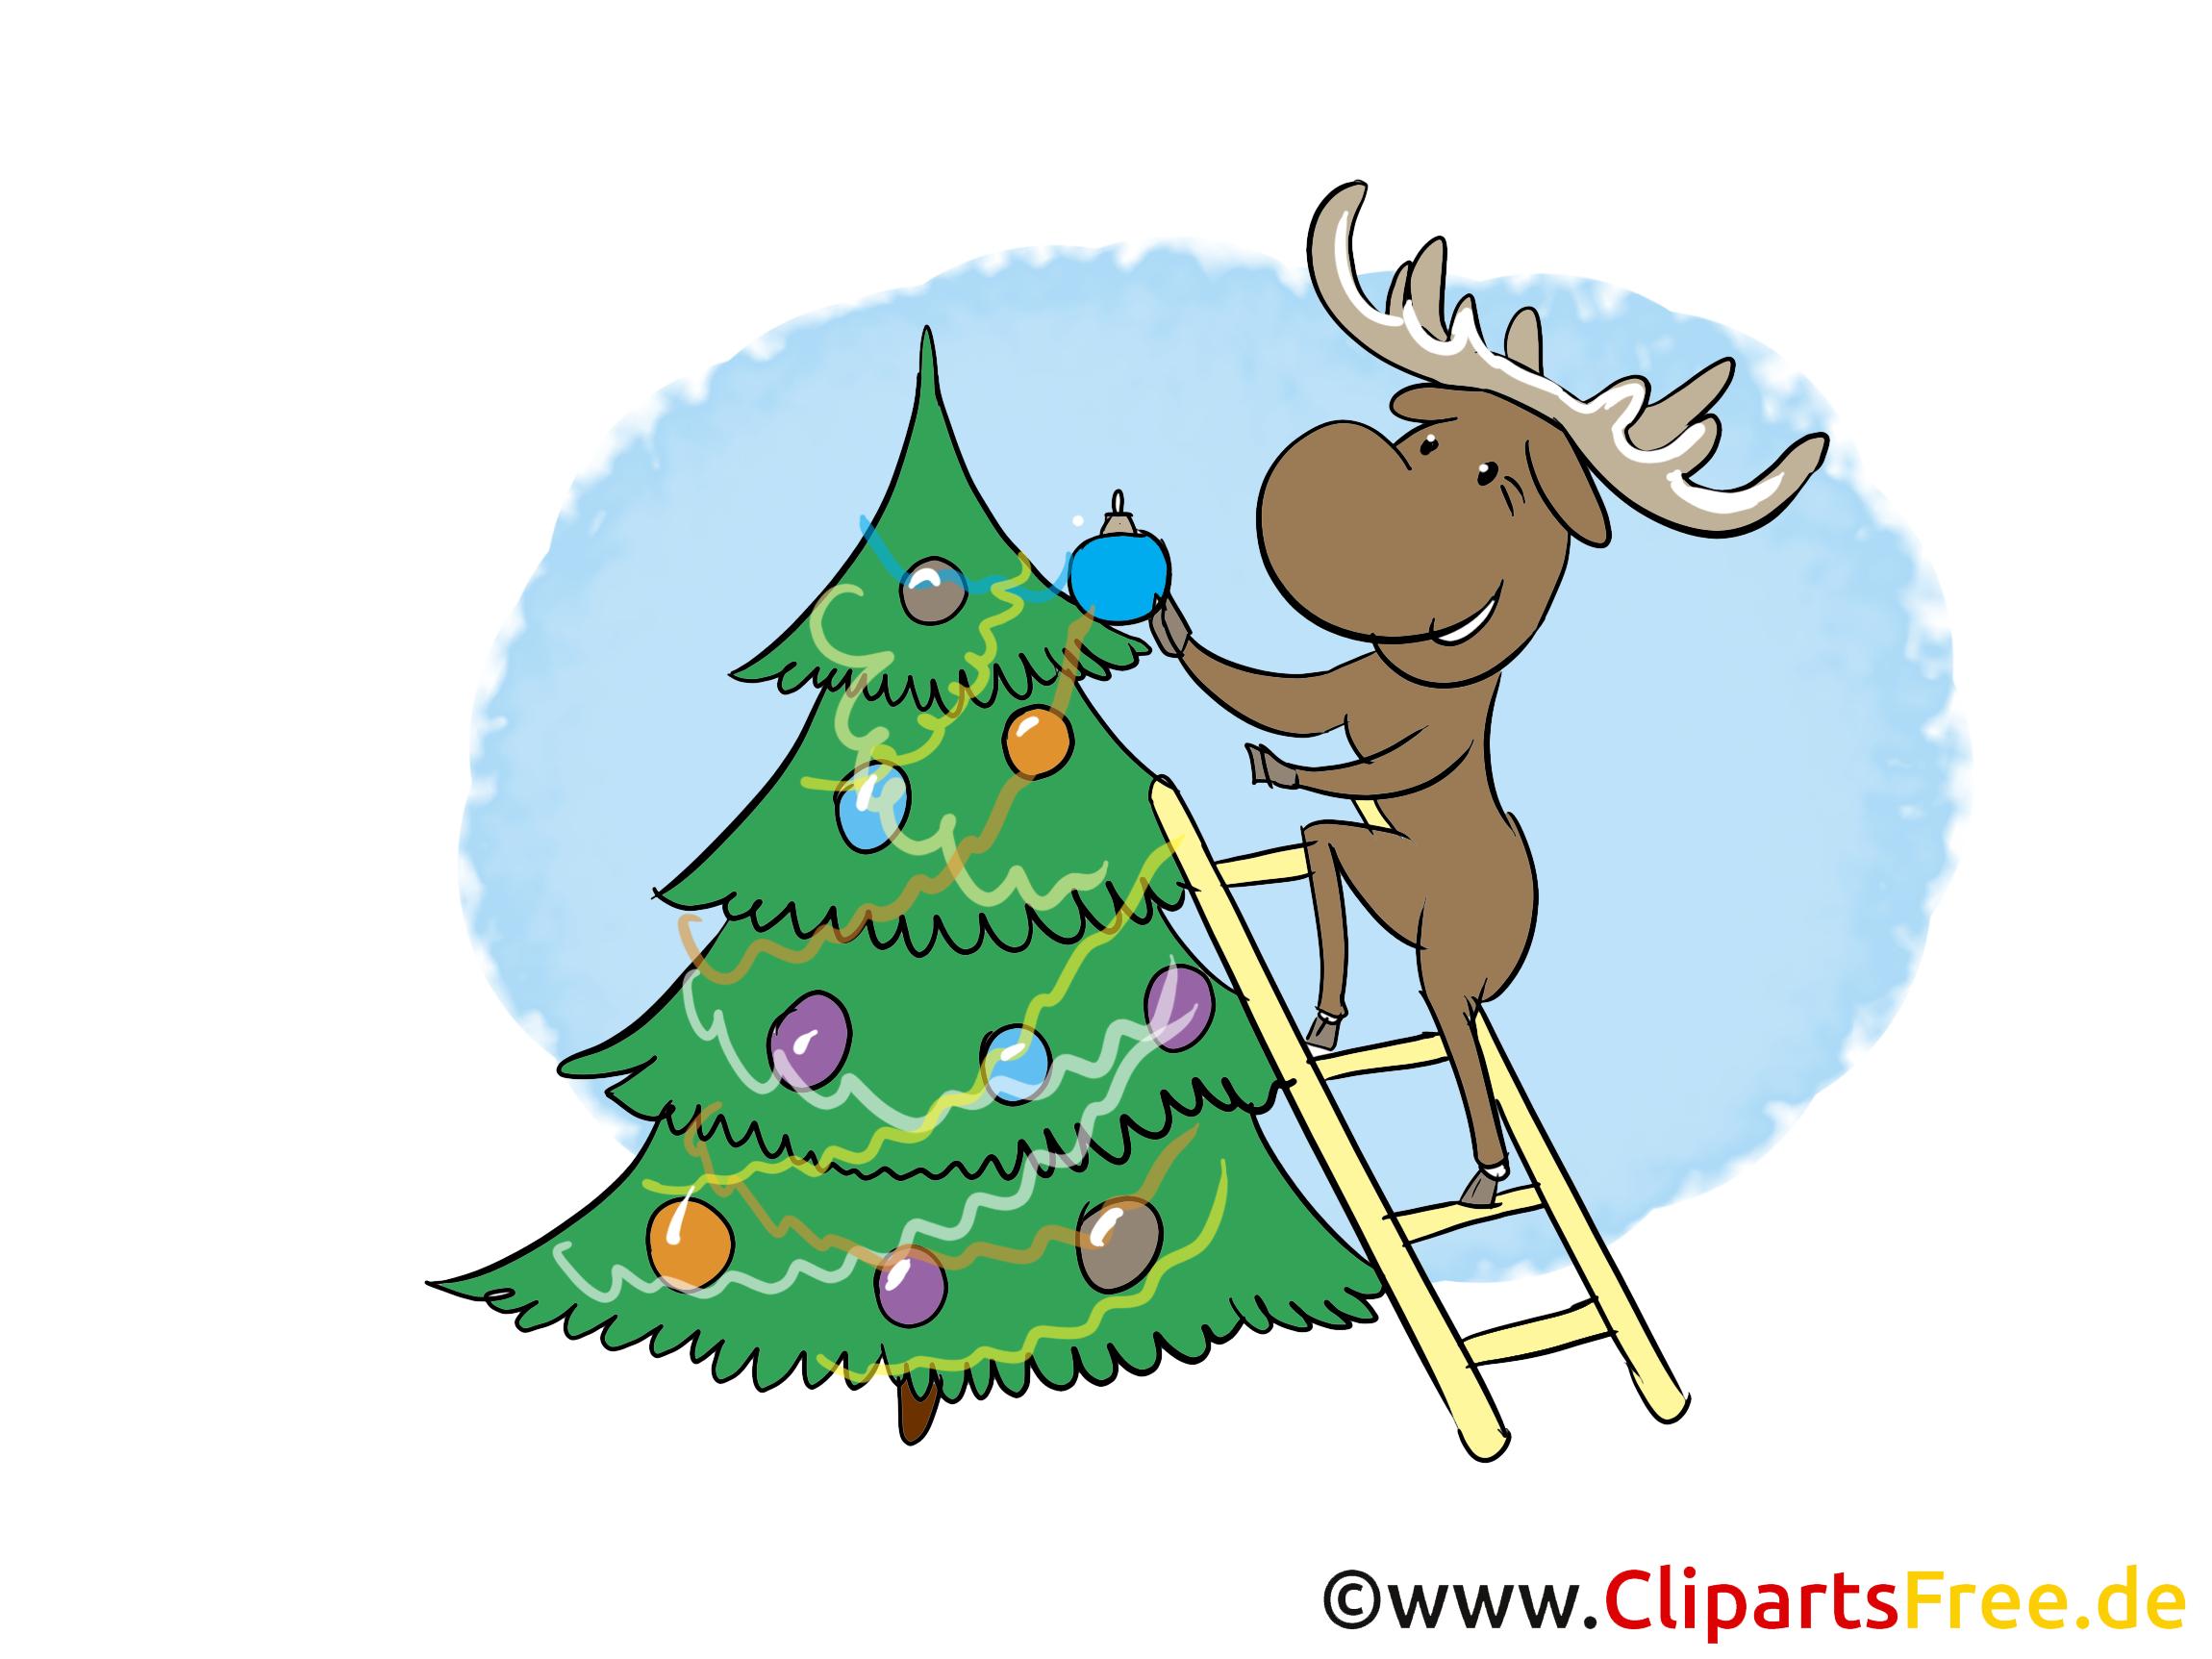 Clipart Zum Silvester Neujahr Kostenlos